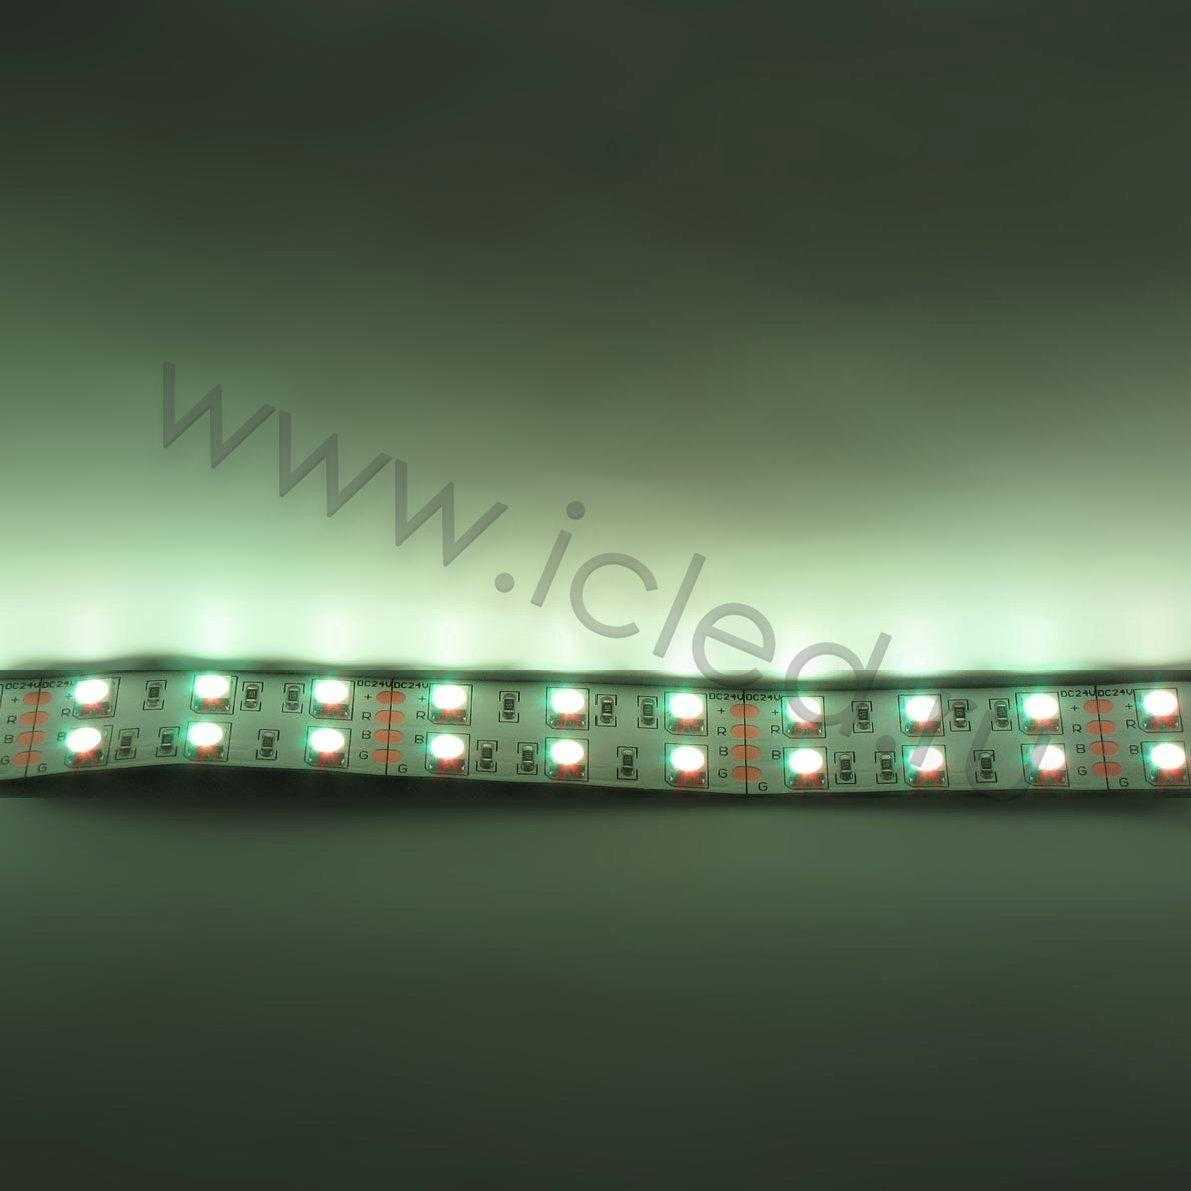 Светодиодная лента Class B, 5050, 120 led/m, RGB, 24V, IP33